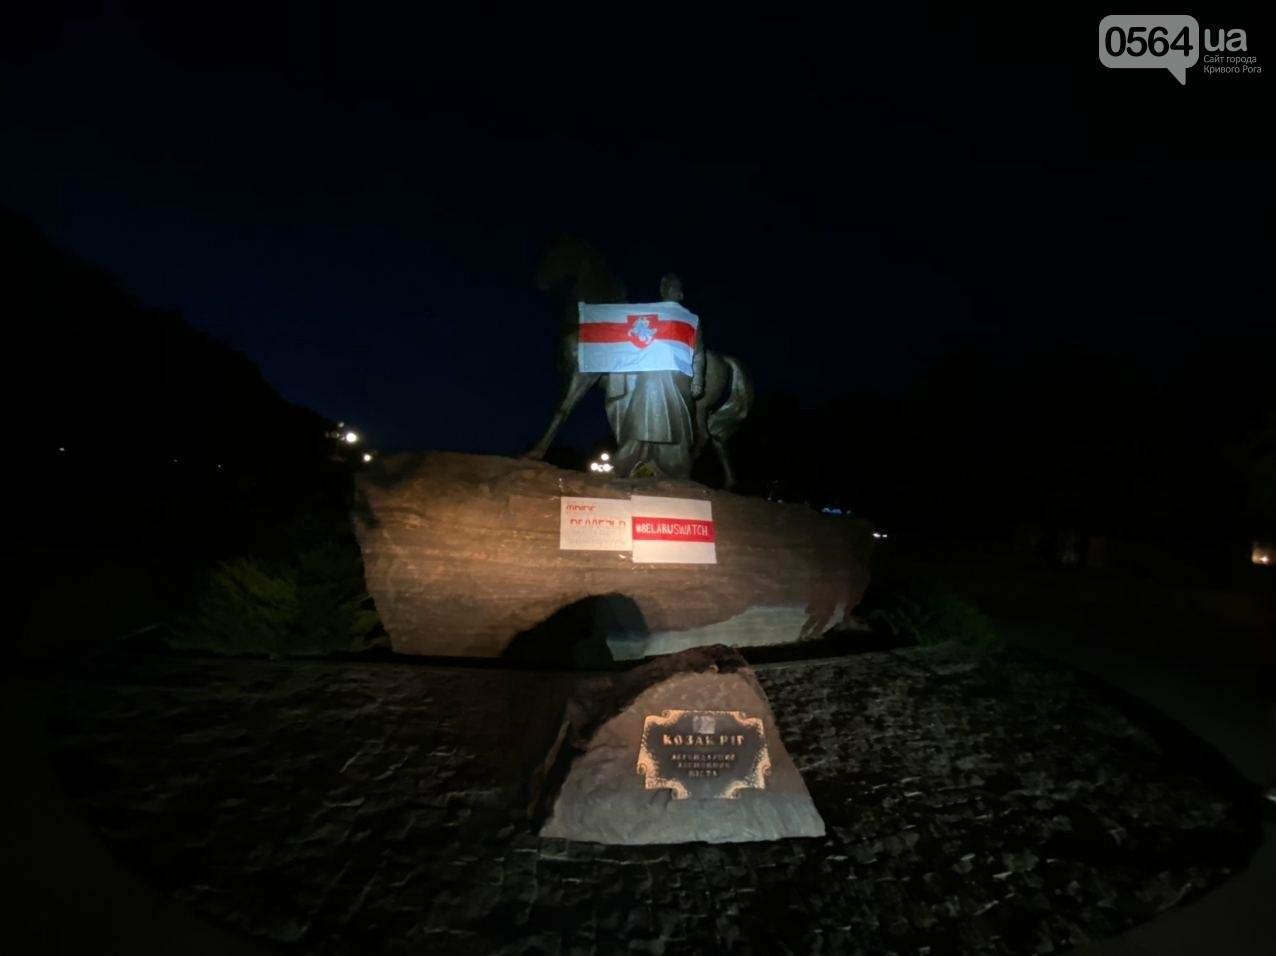 """""""Жыве Беларусь!  Живе вечна!"""", - в Кривом Роге провели акцию #BelarusWatch, - ФОТО, ВИДЕО, фото-11"""